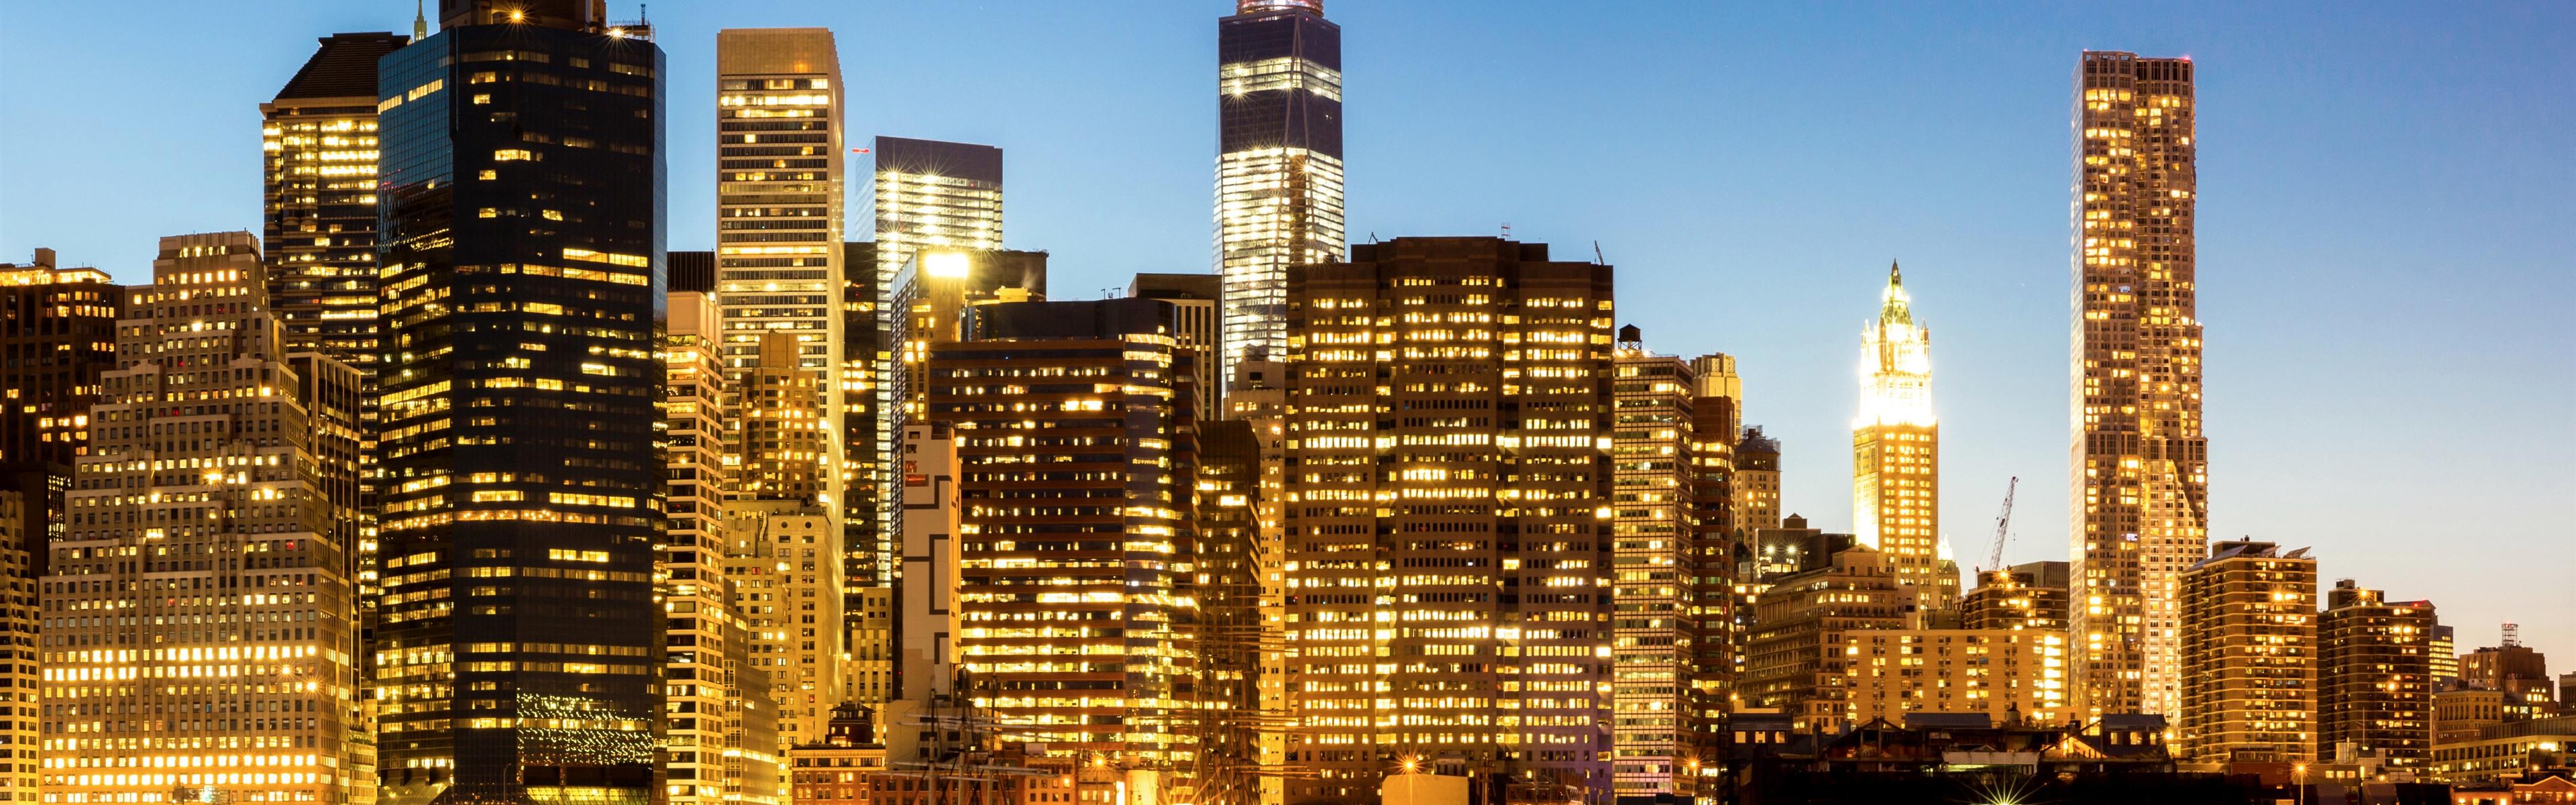 Обои тучи, небоскребы, manhattan, здания, skyline, new york city, освещение. Города foto 11